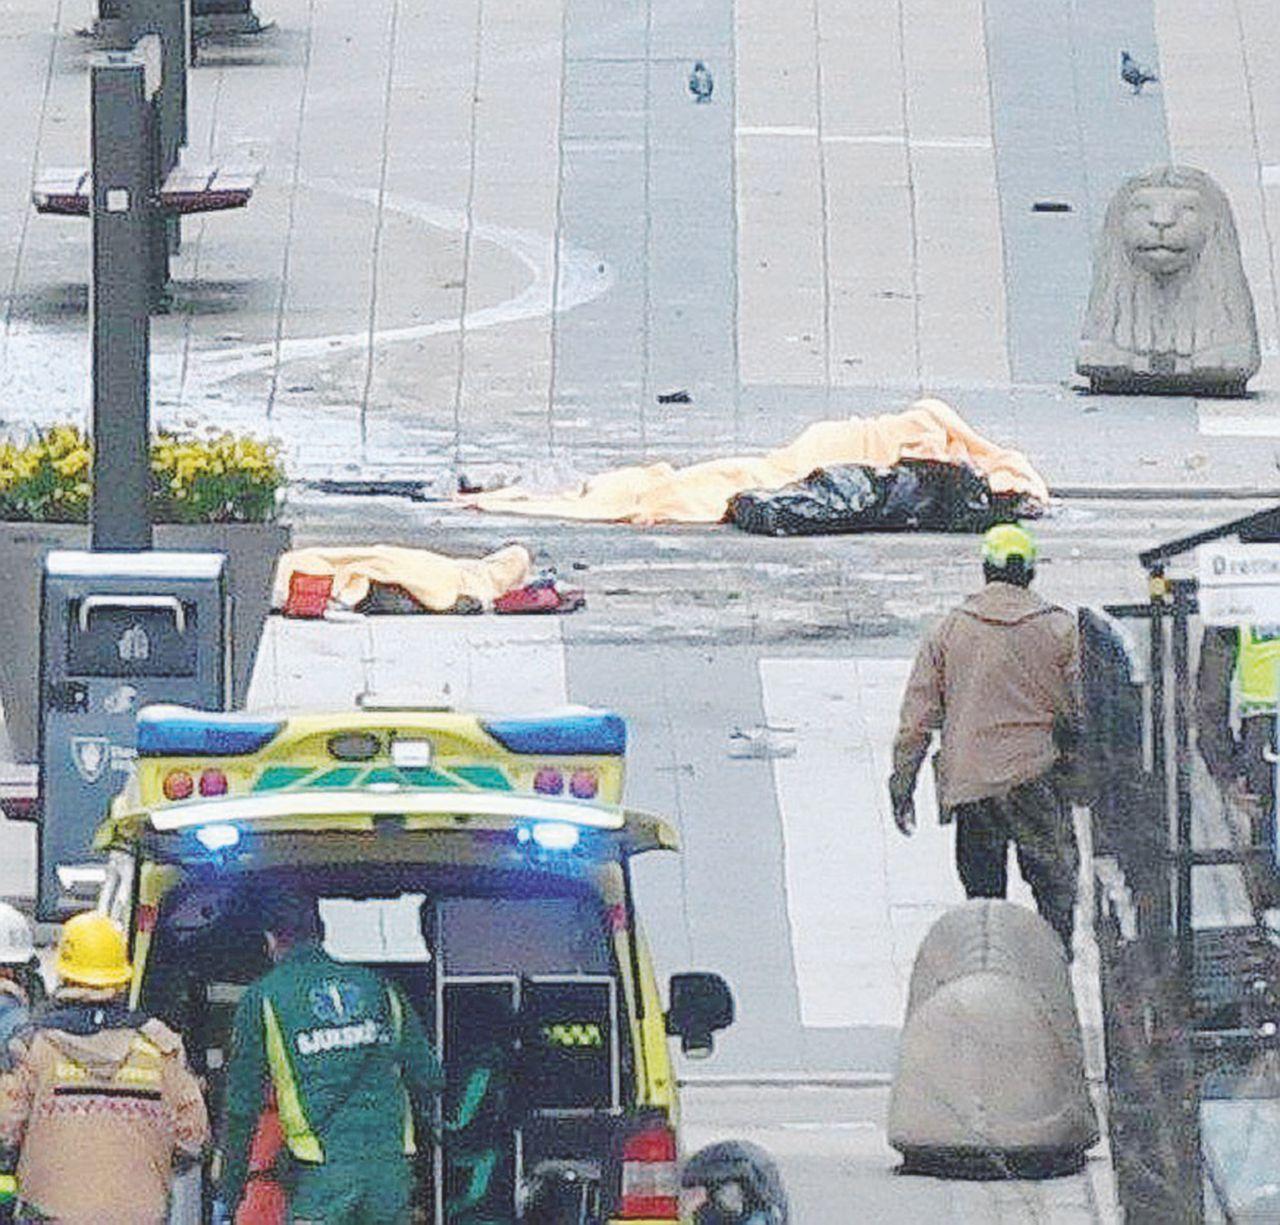 La sindrome del tir-killer Stoccolma, quattro morti